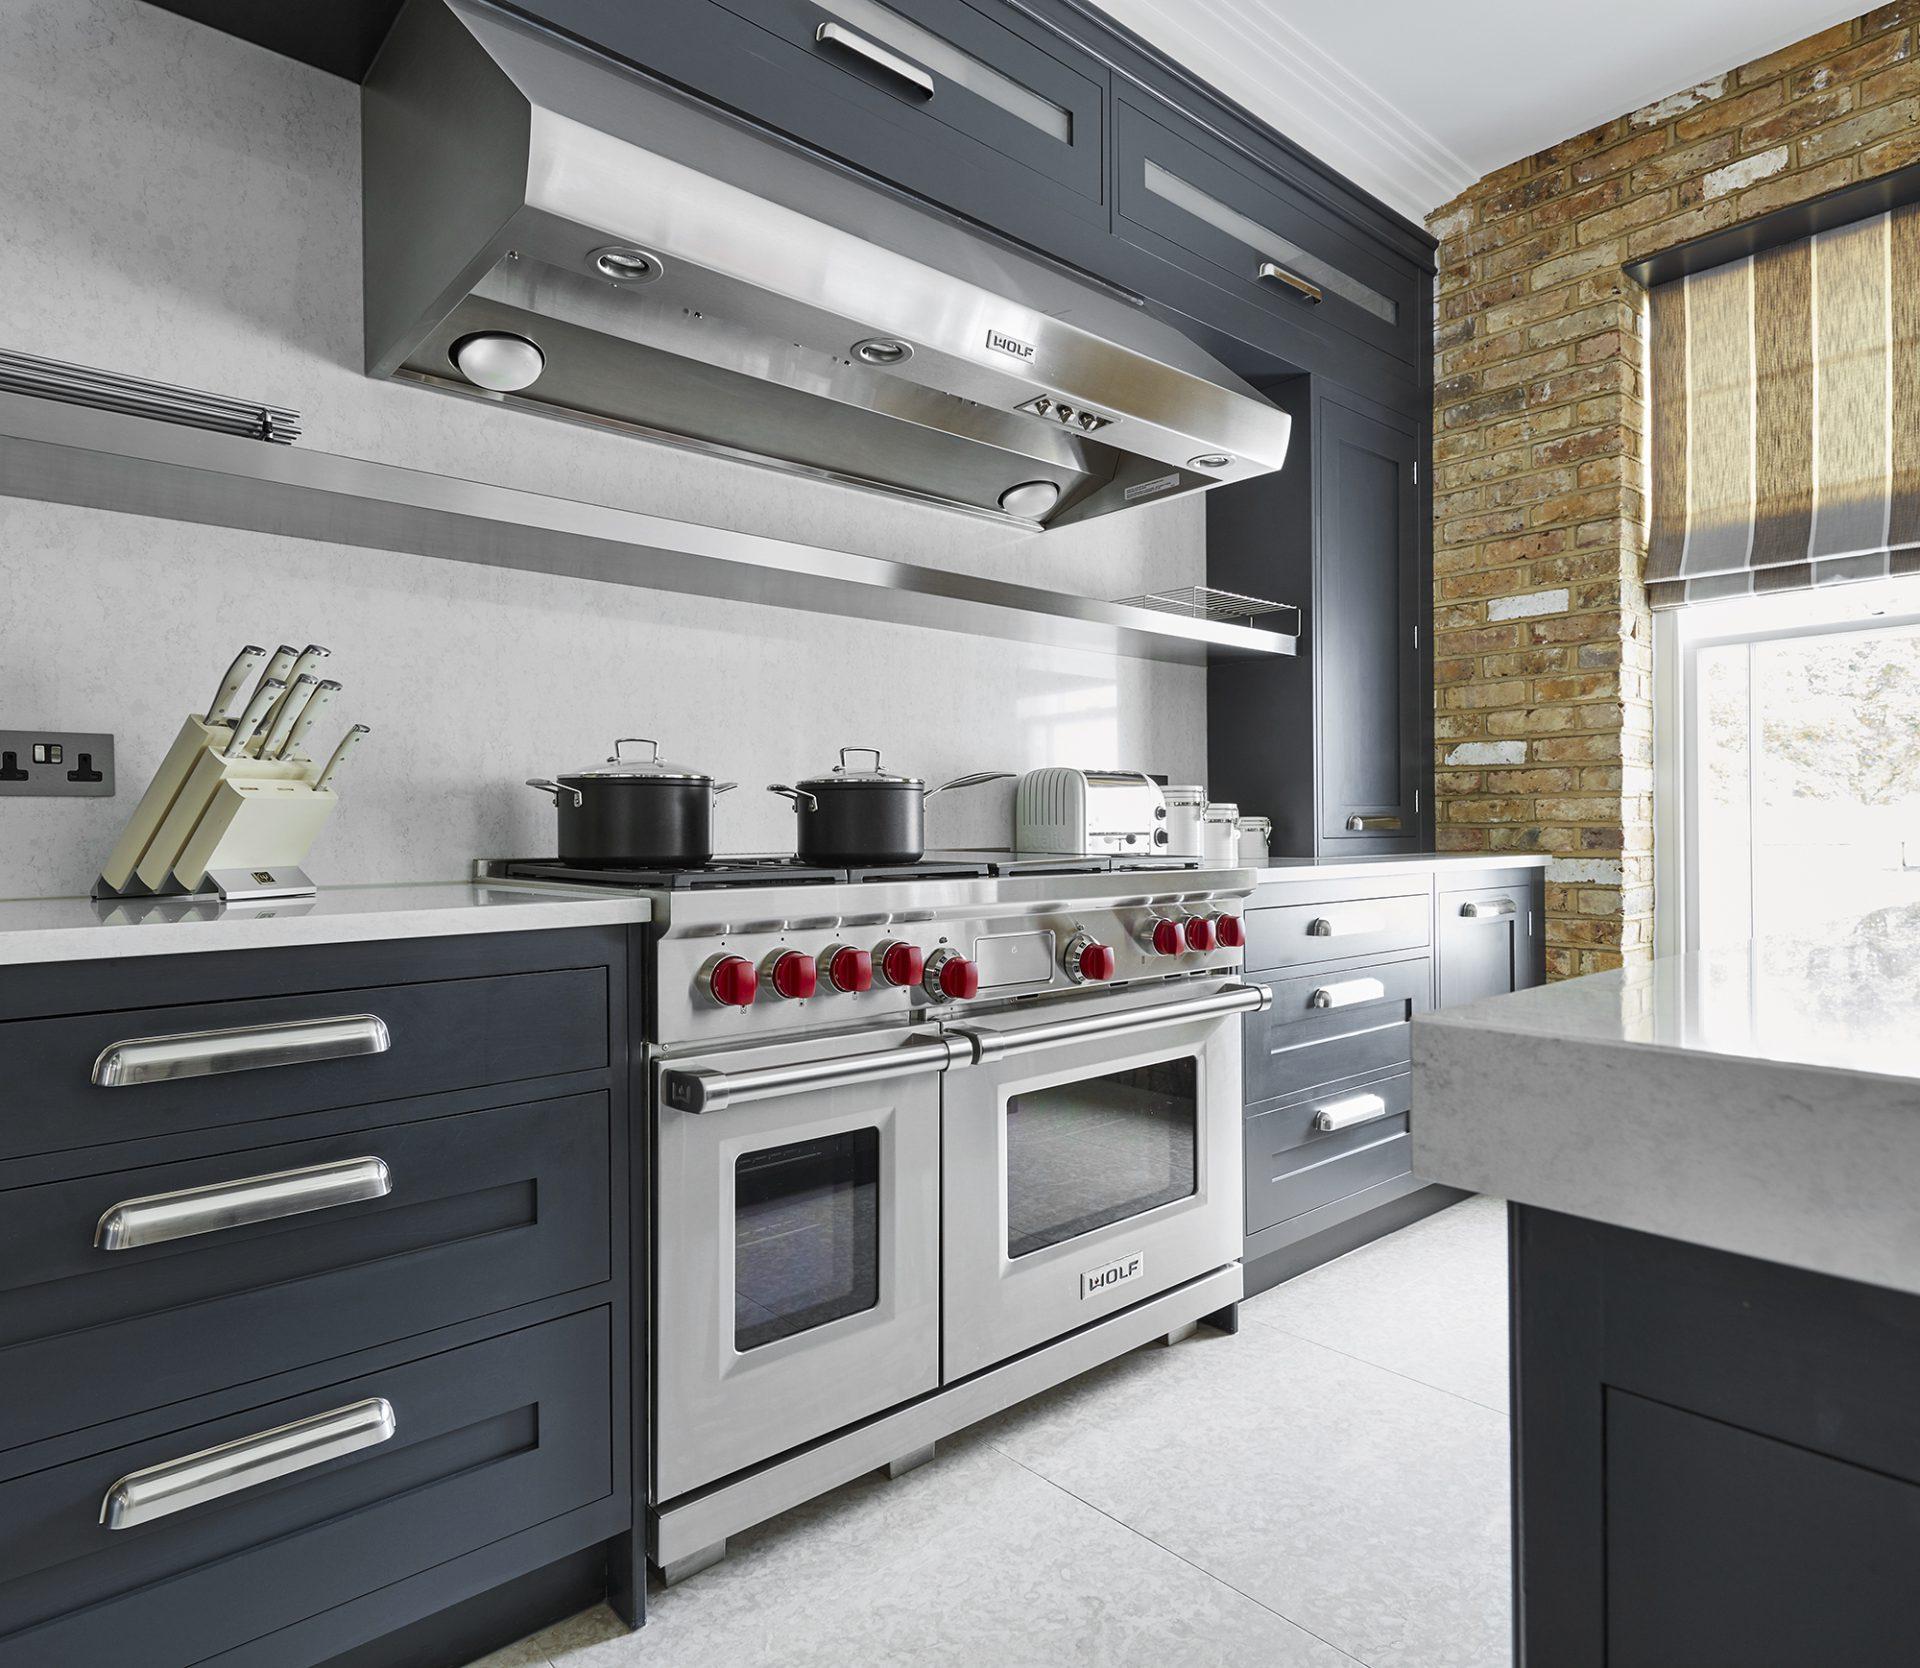 Unique Kitchen Layout: Custom Made Kitchen Design